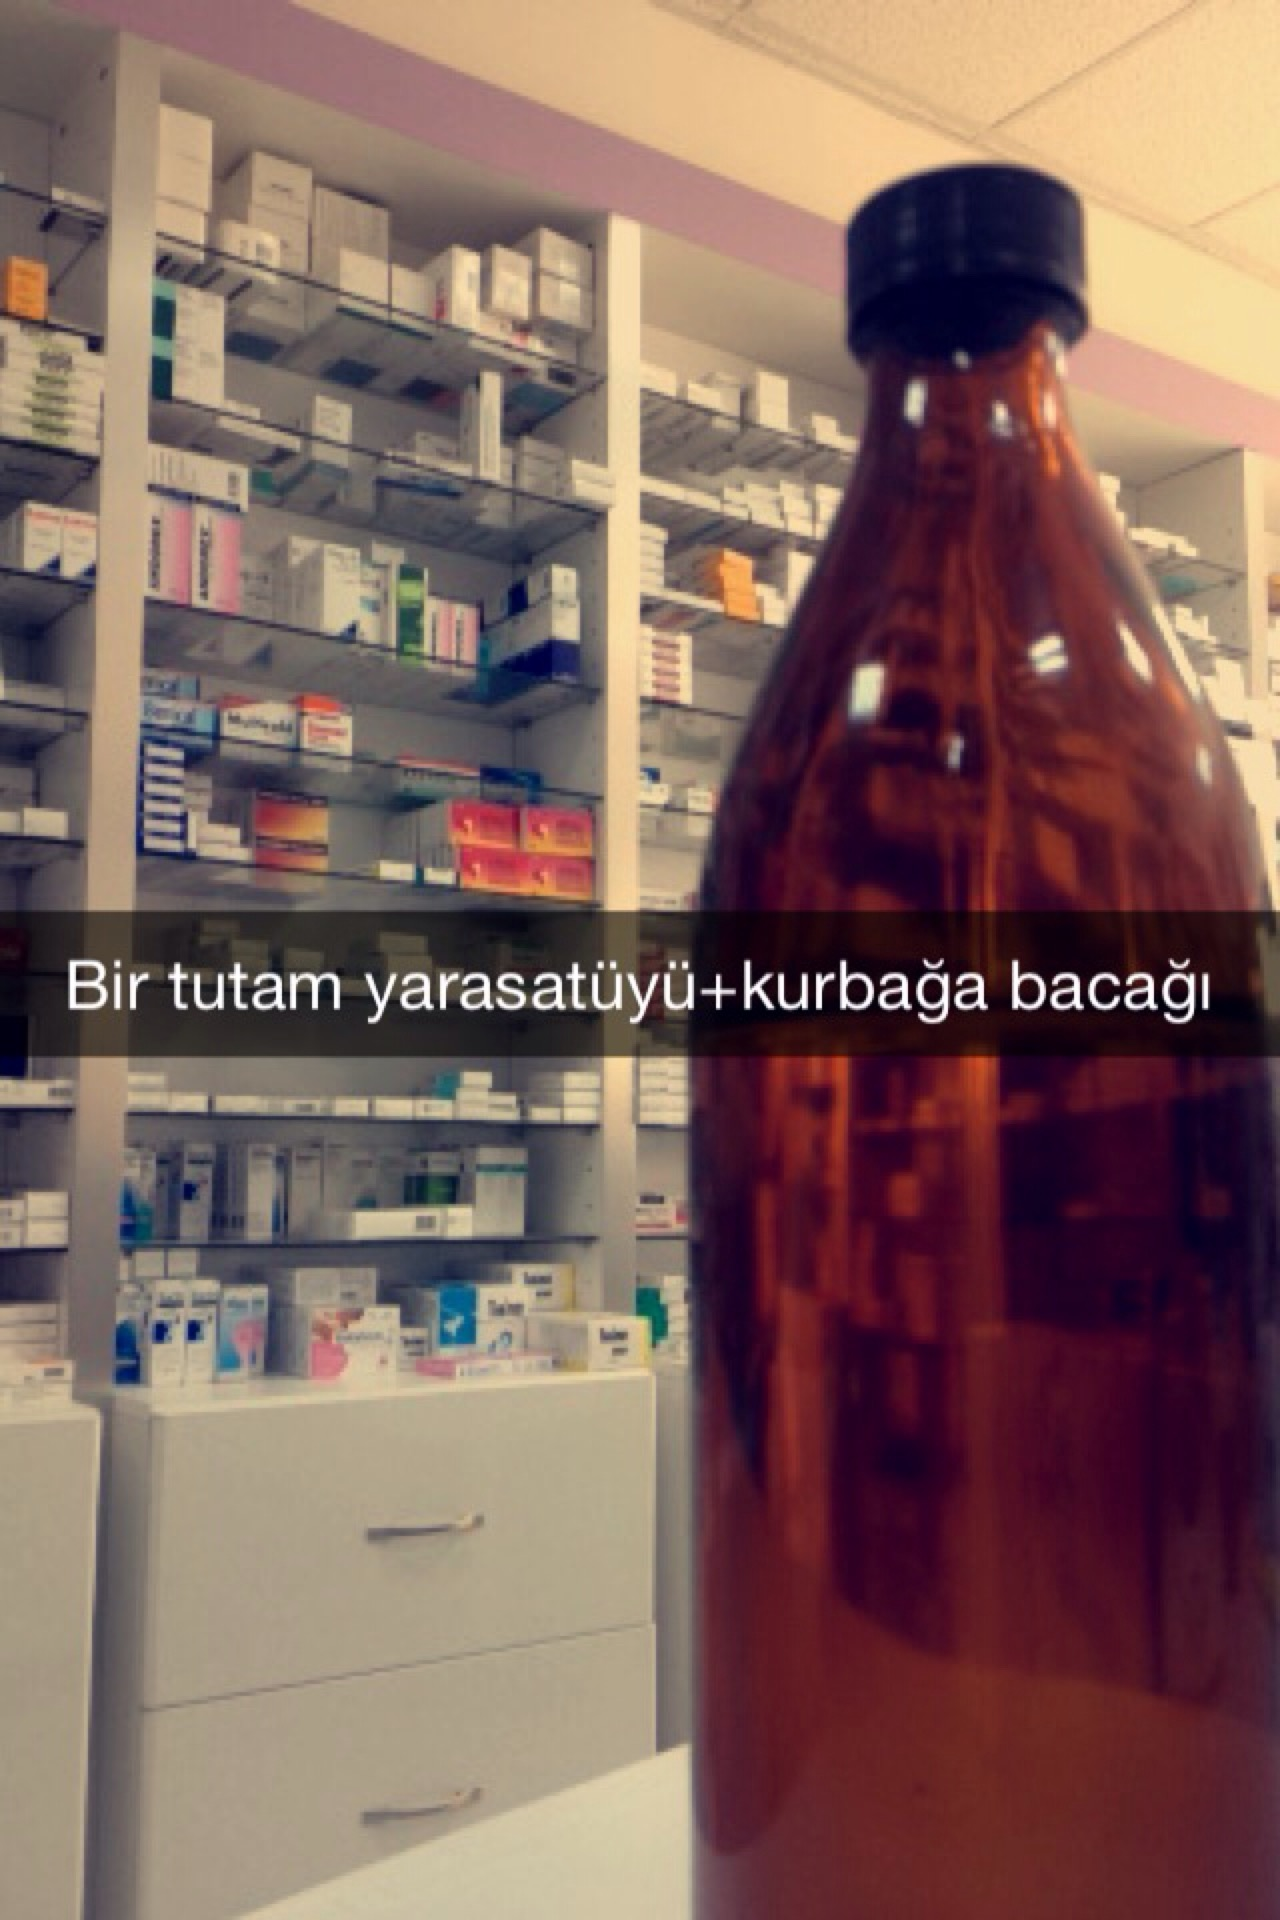 Nihan Eczanesi   Güneşli 527. Sokak, 35270 Konak/İzmir   +90 232 256 06 37